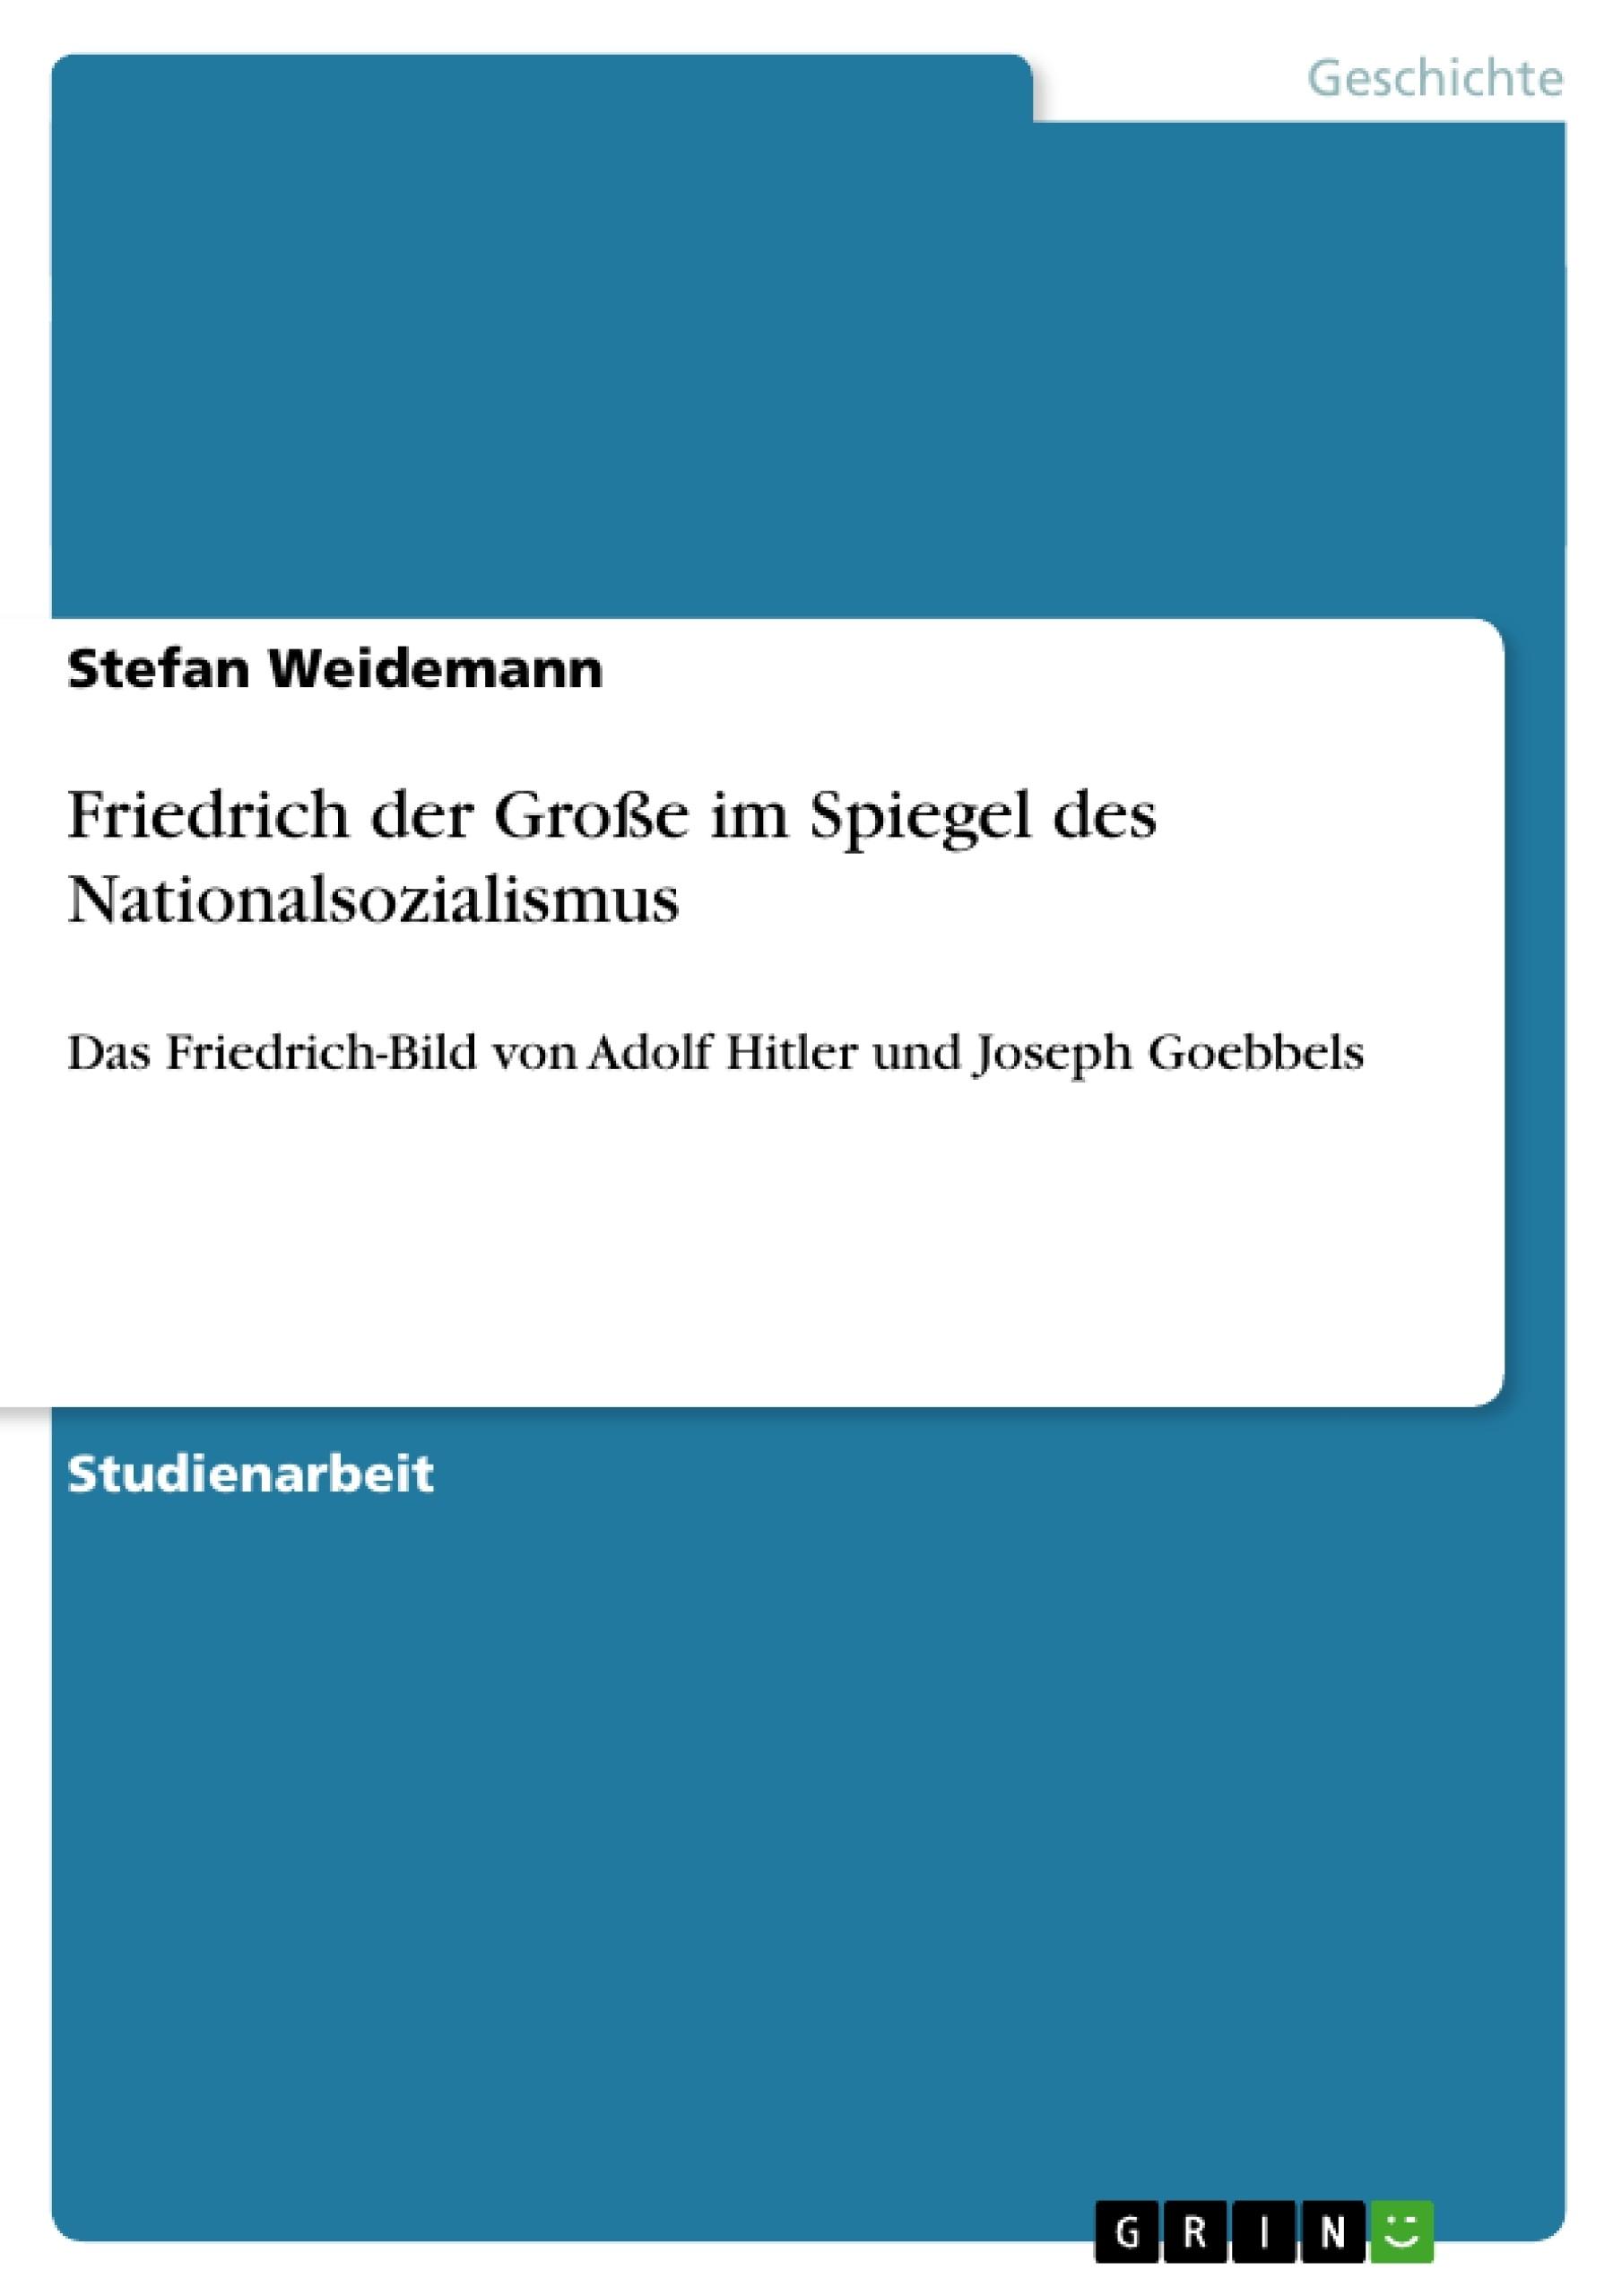 Titel: Friedrich der Große im Spiegel des Nationalsozialismus